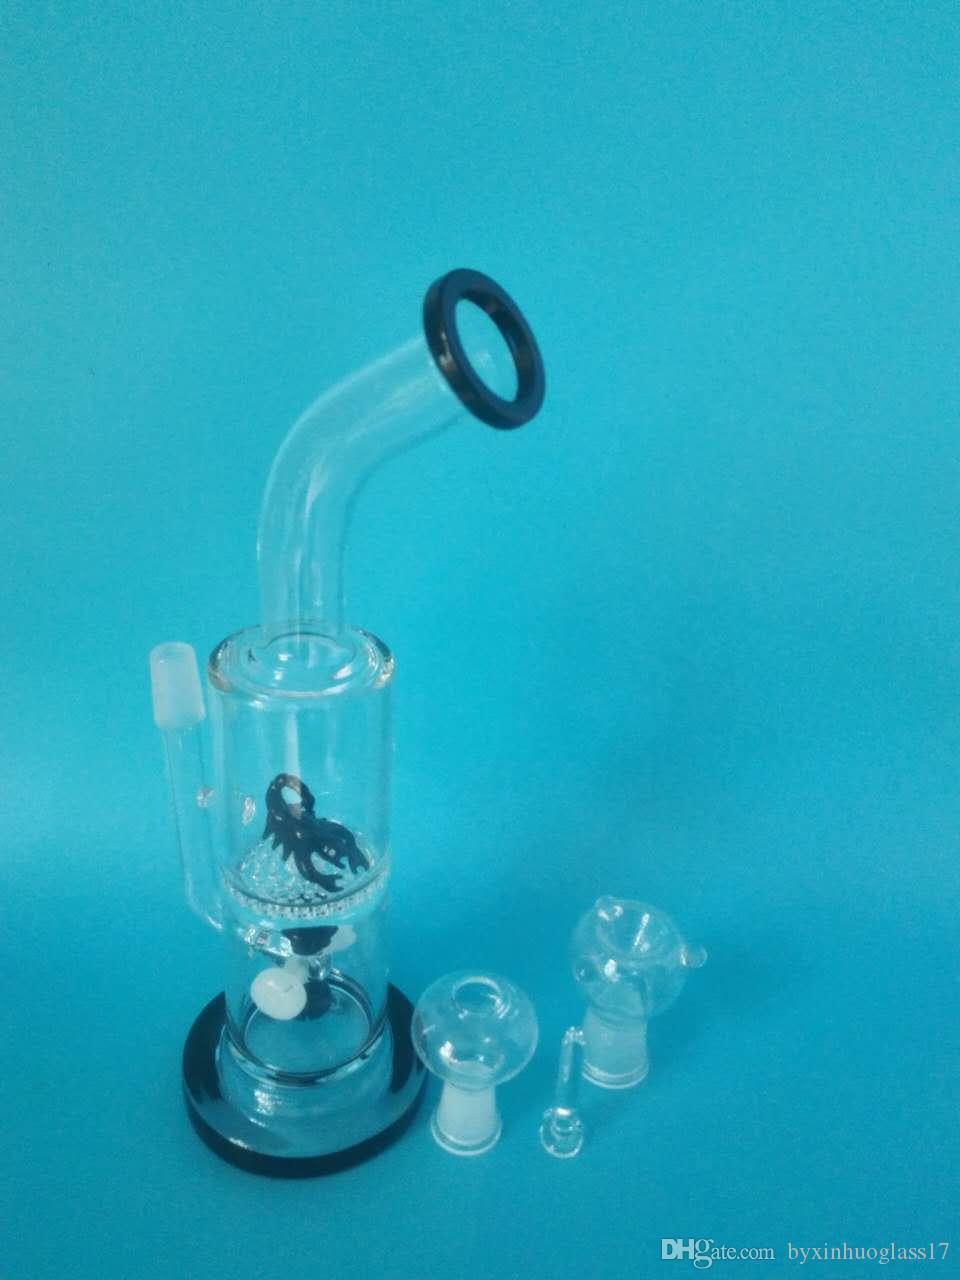 Le narguilé scorpion, bongs en verre et tubes en verre